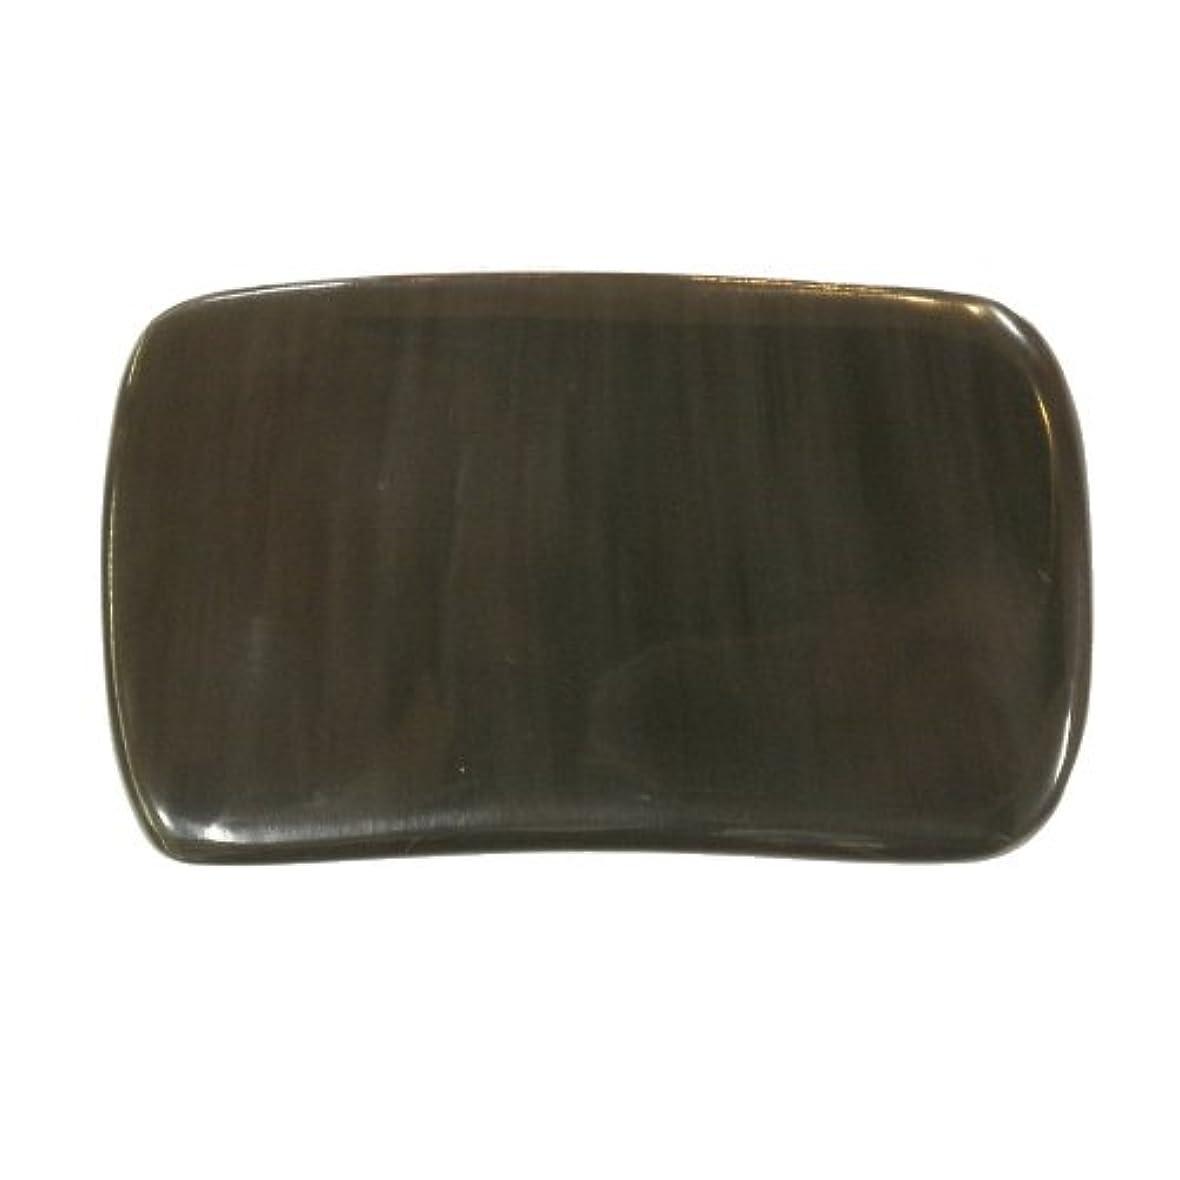 ローブパス救いかっさ プレート 厚さが選べる ヤクの角(水牛の角) EHE268SP 長方形大 特級品 厚め(7ミリ程度) 穴あり